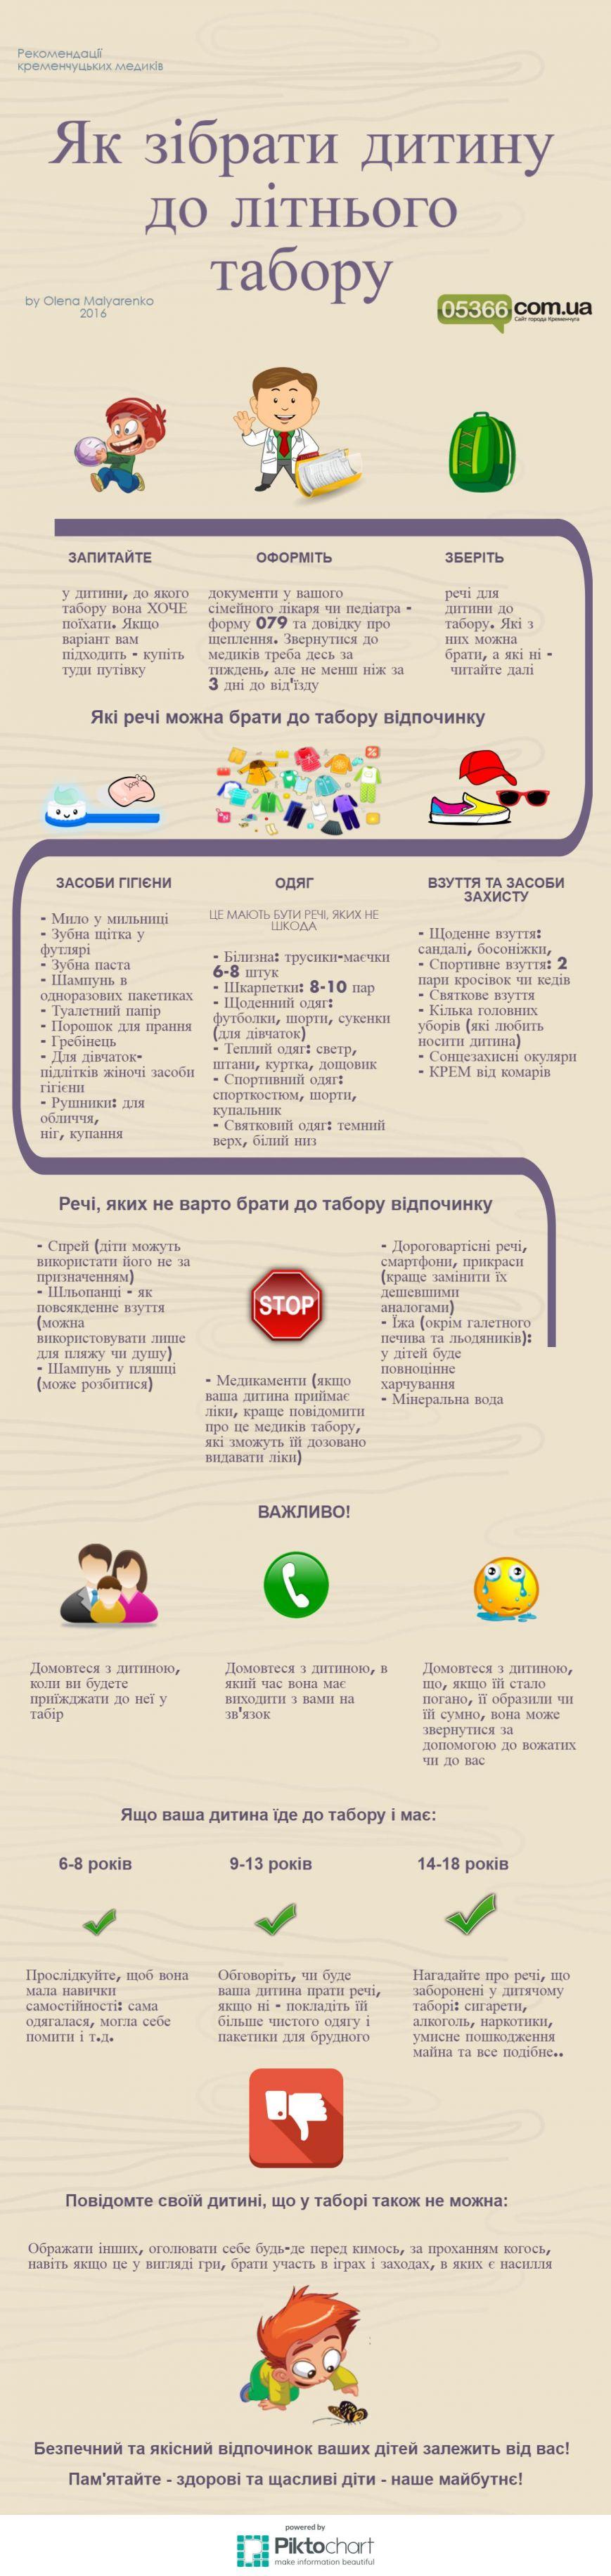 new-piktochart-copy-copy (8)